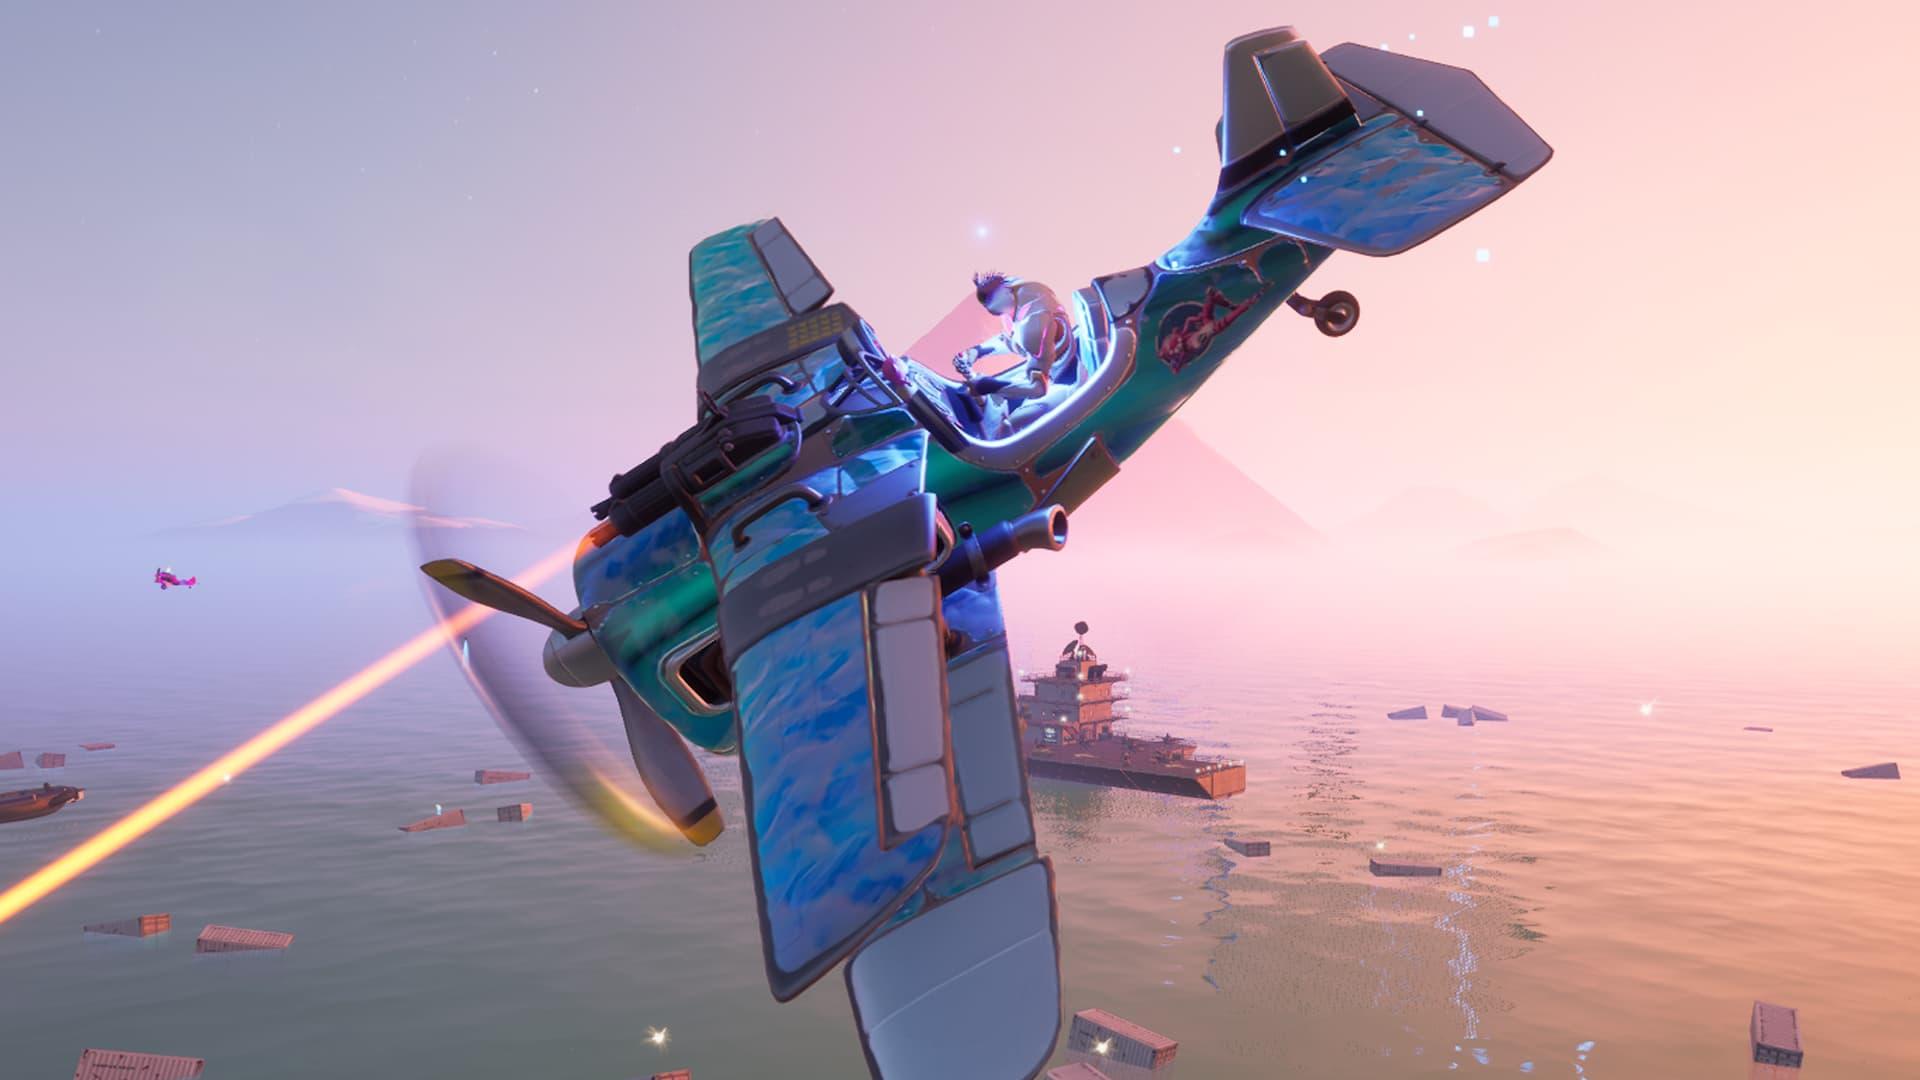 Misiones de Freaky Flights en Verano Cósmico de Fortnite